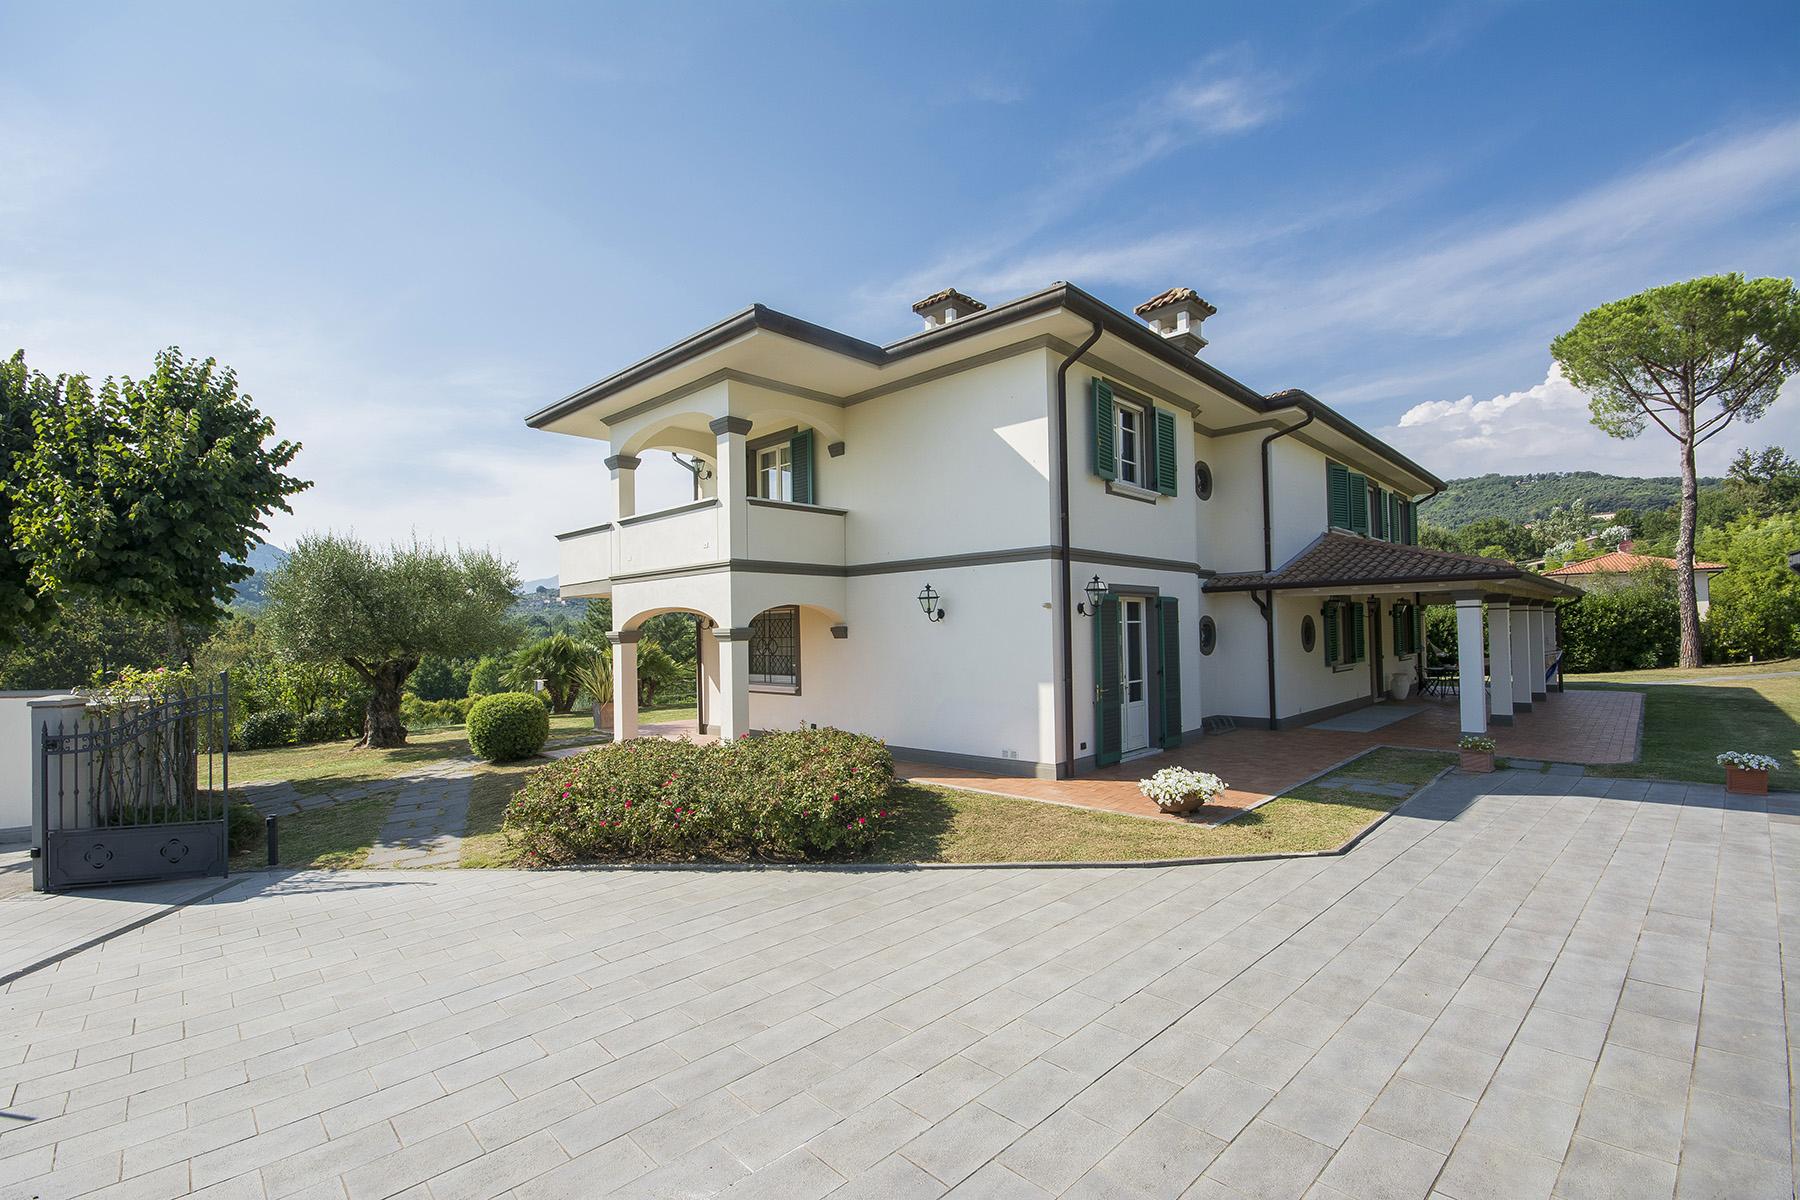 Casa indipendente in Vendita a Lucca: 5 locali, 300 mq - Foto 2